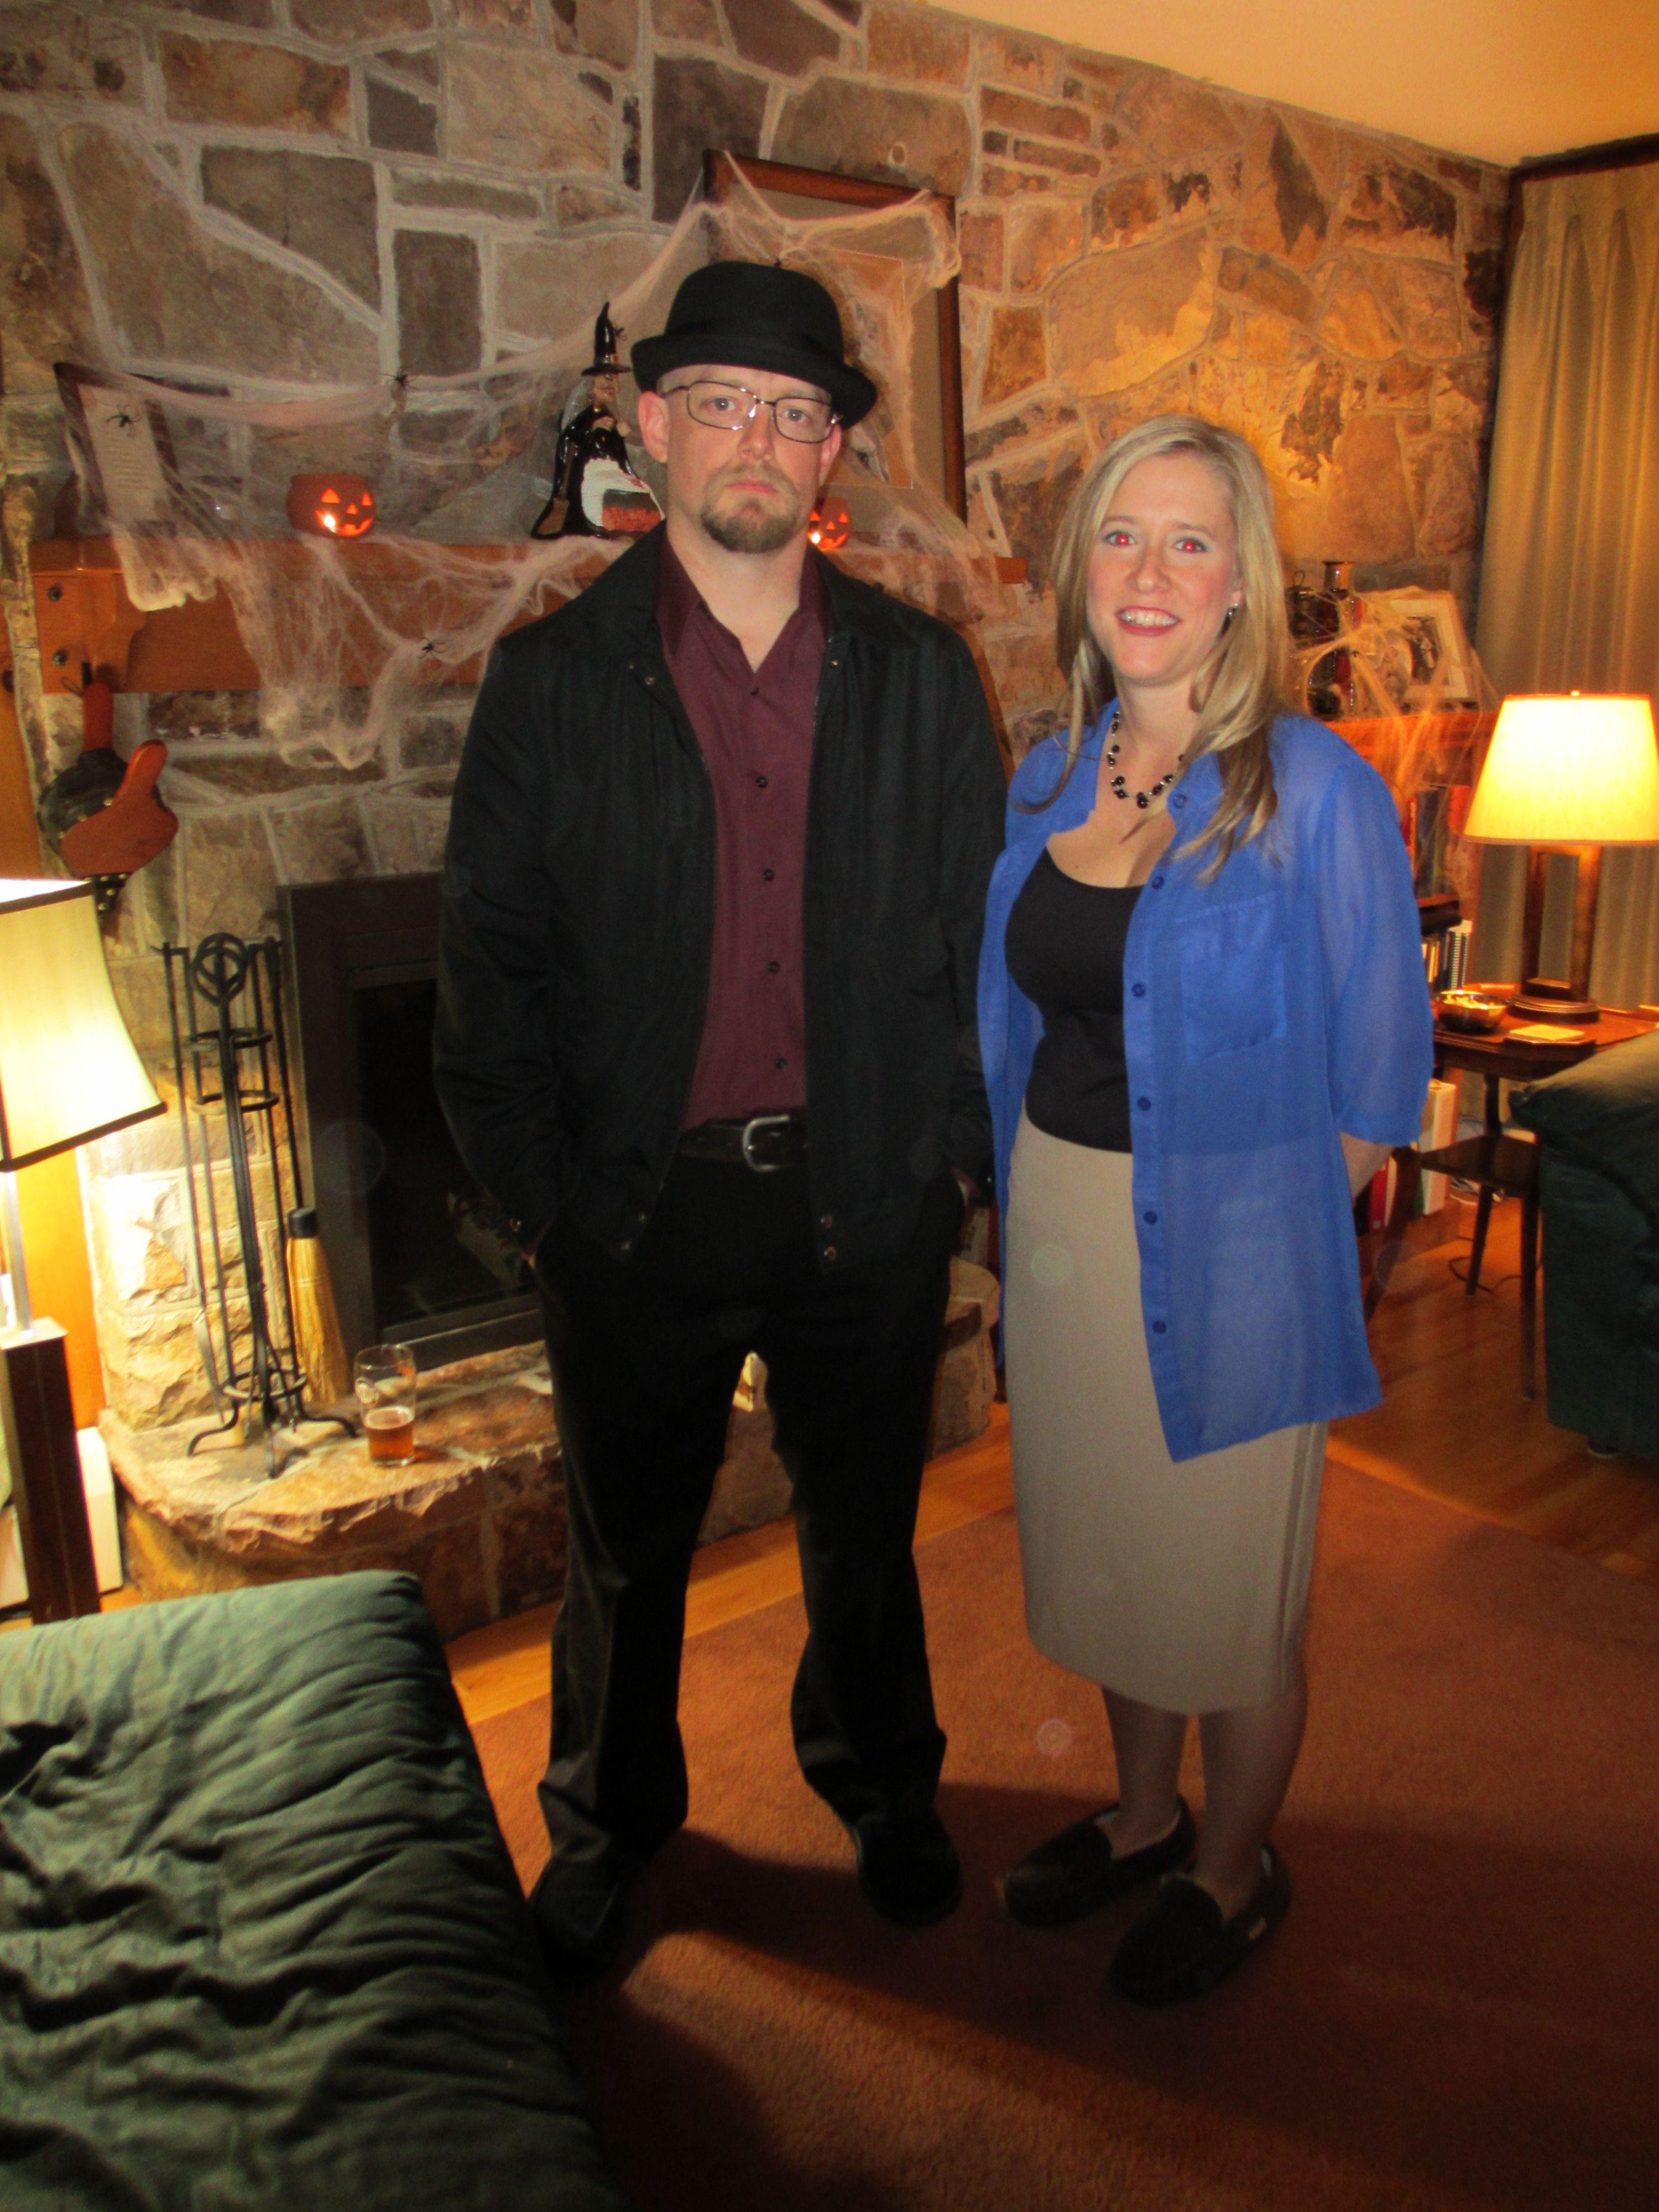 Breaking Bad Halloween costumes Walter White (as Heisenberg) and Skyler White  sc 1 st  Pinterest & Breaking Bad Halloween costumes: Walter White (as Heisenberg) and ...